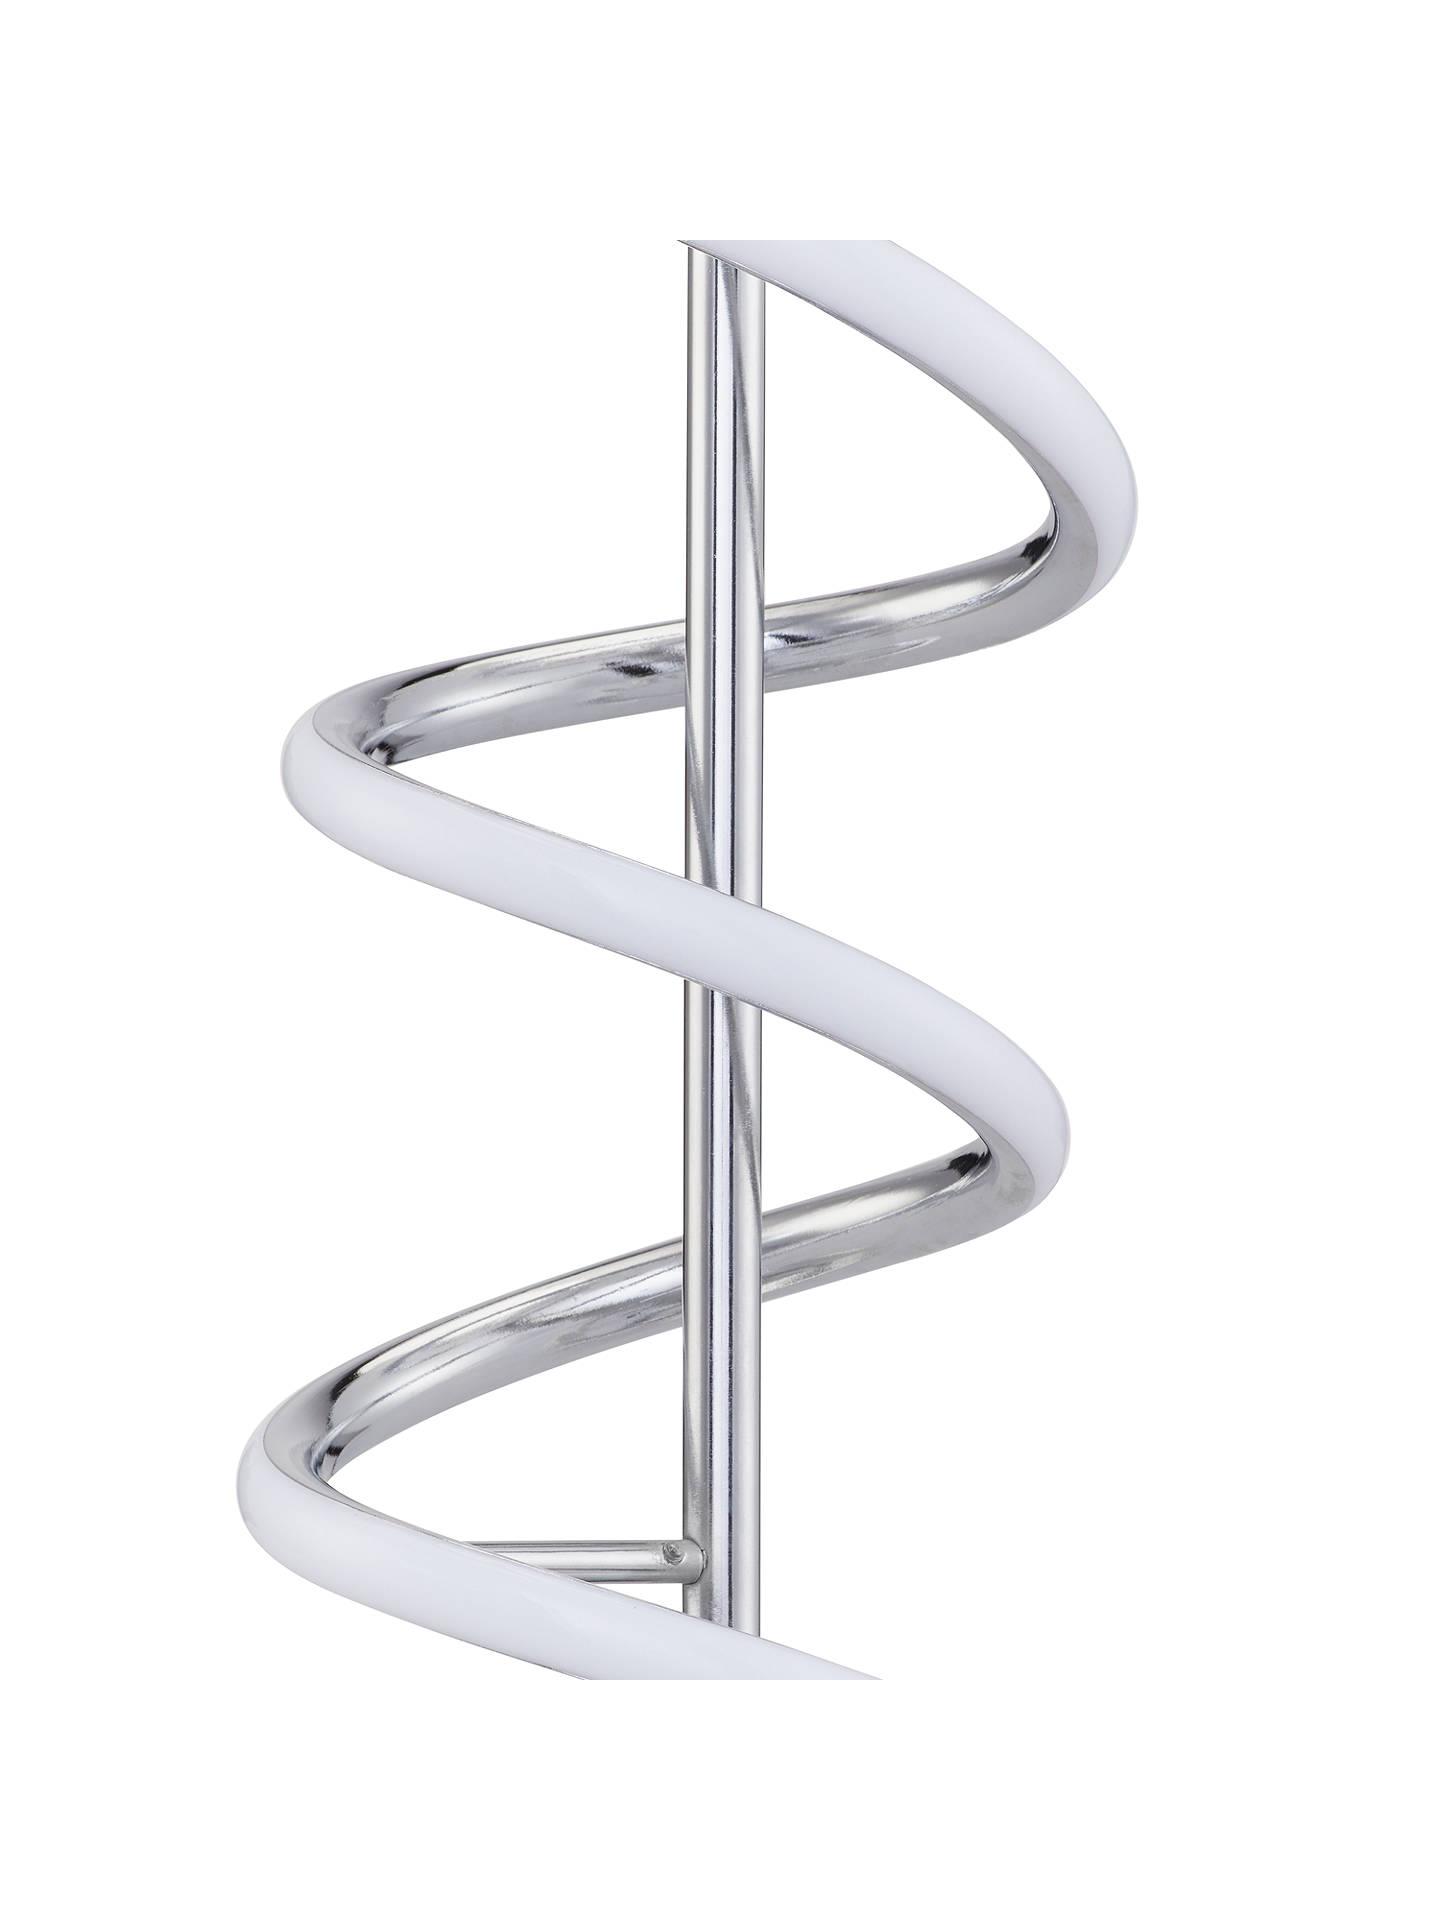 Zena ray tube